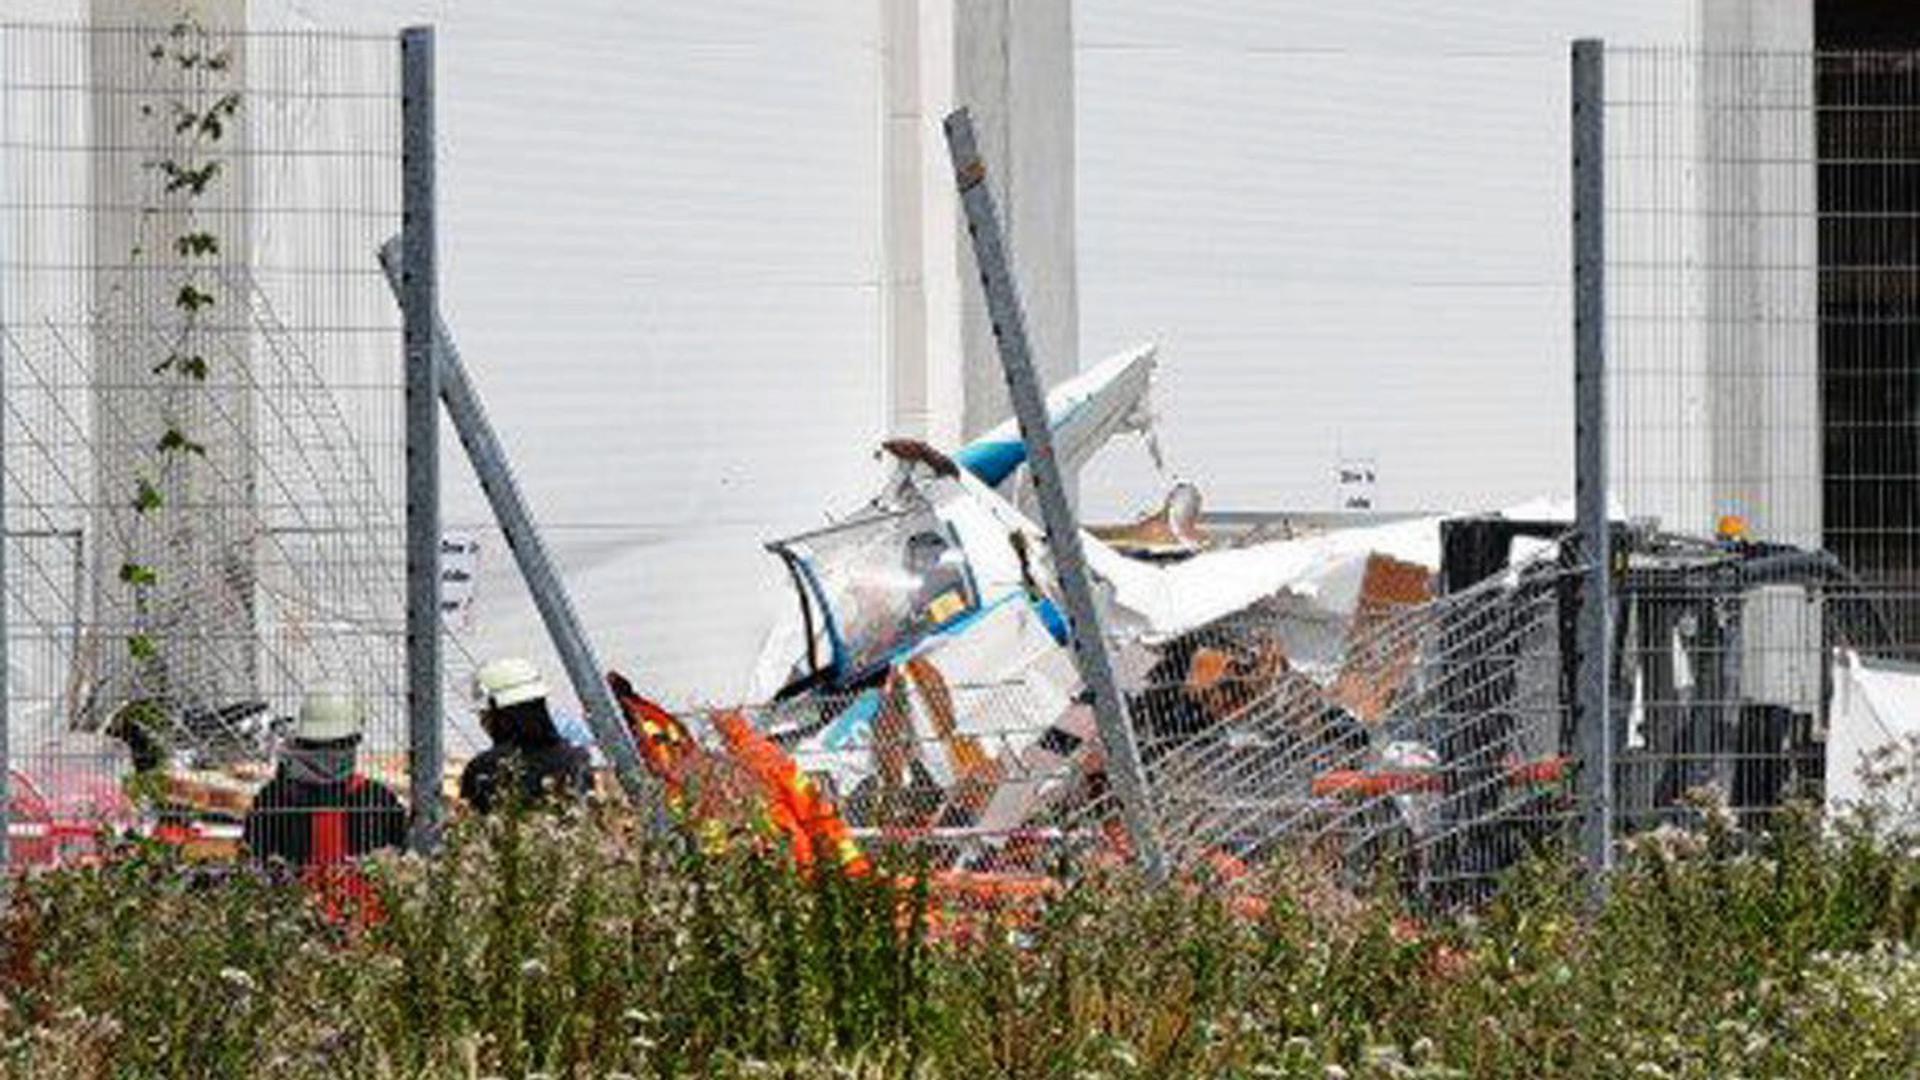 Das Flugzeugwrack liegt direkt am Bruchsaler Bauhaus-Lager im hinteren Bereich des Gebäudes neben dem Flugplatz.